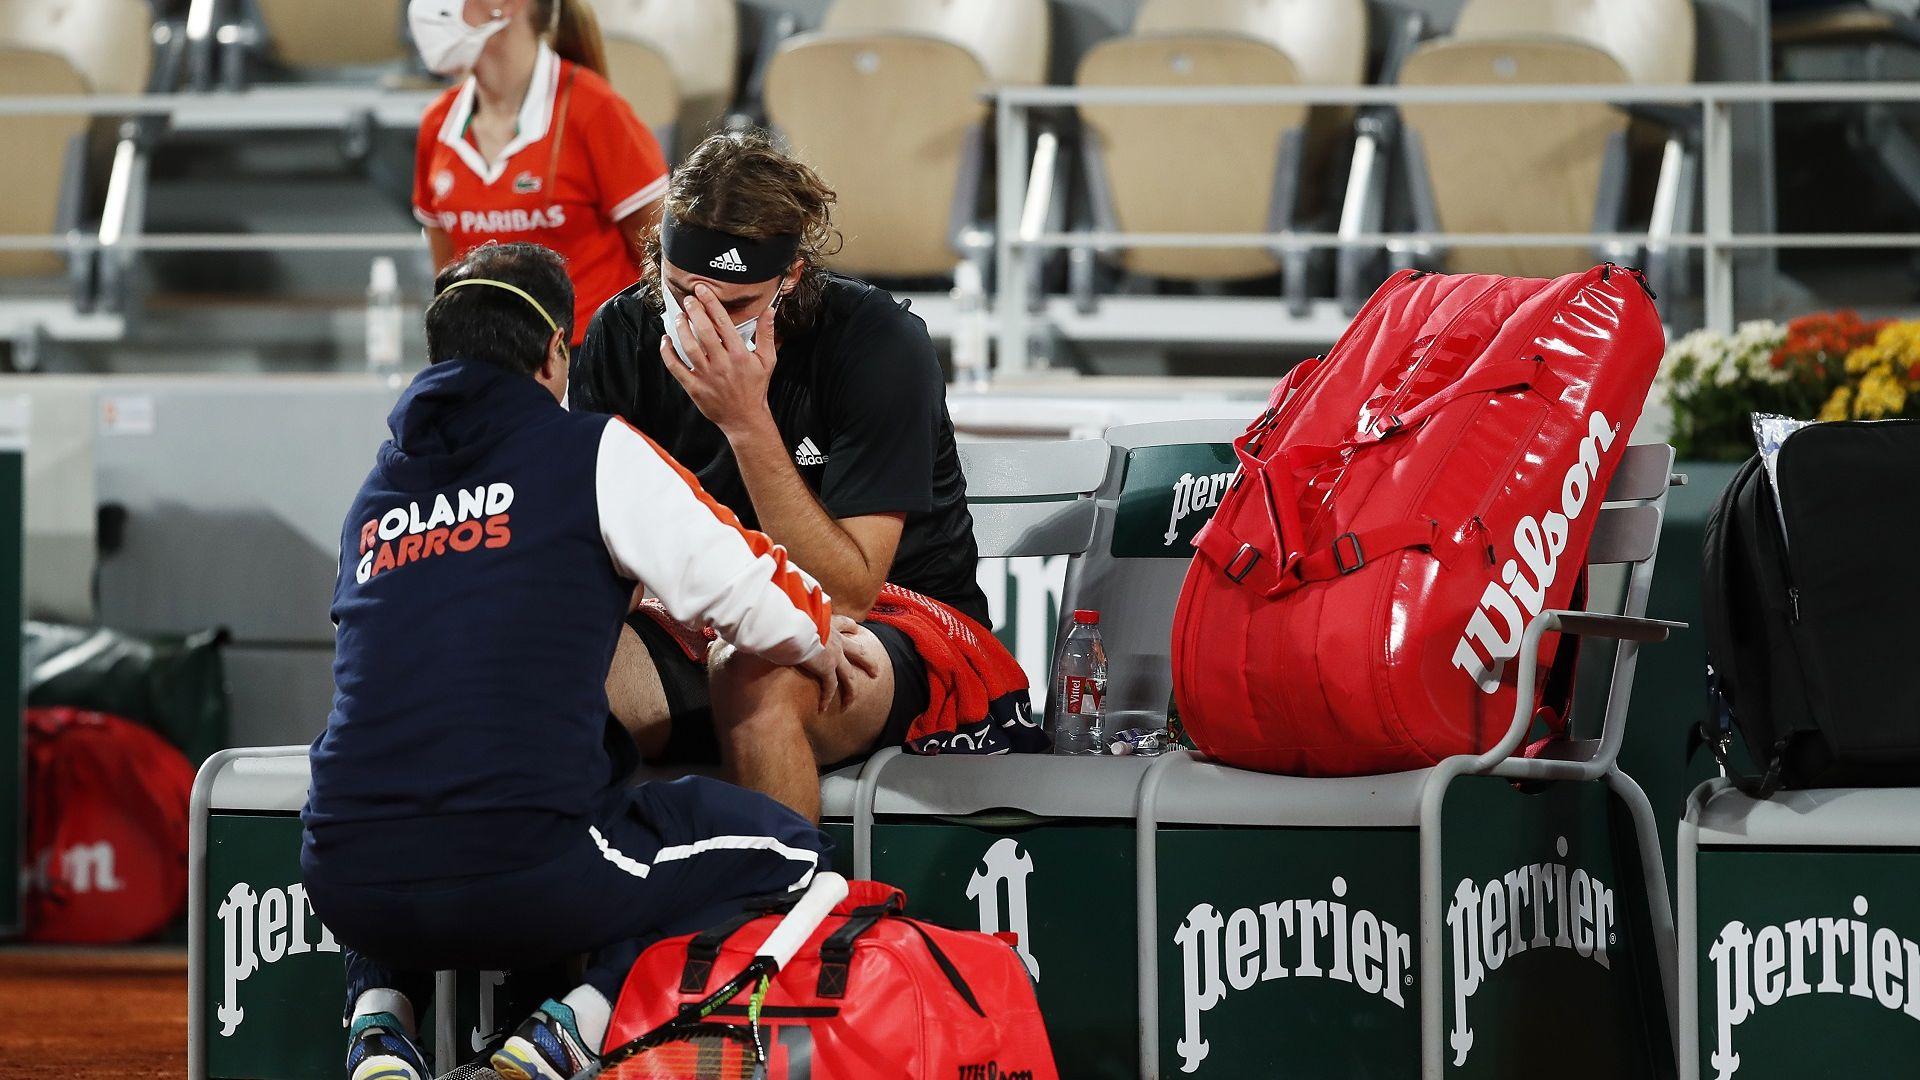 Травма може да извади световния №5 от турнирите до края на годината